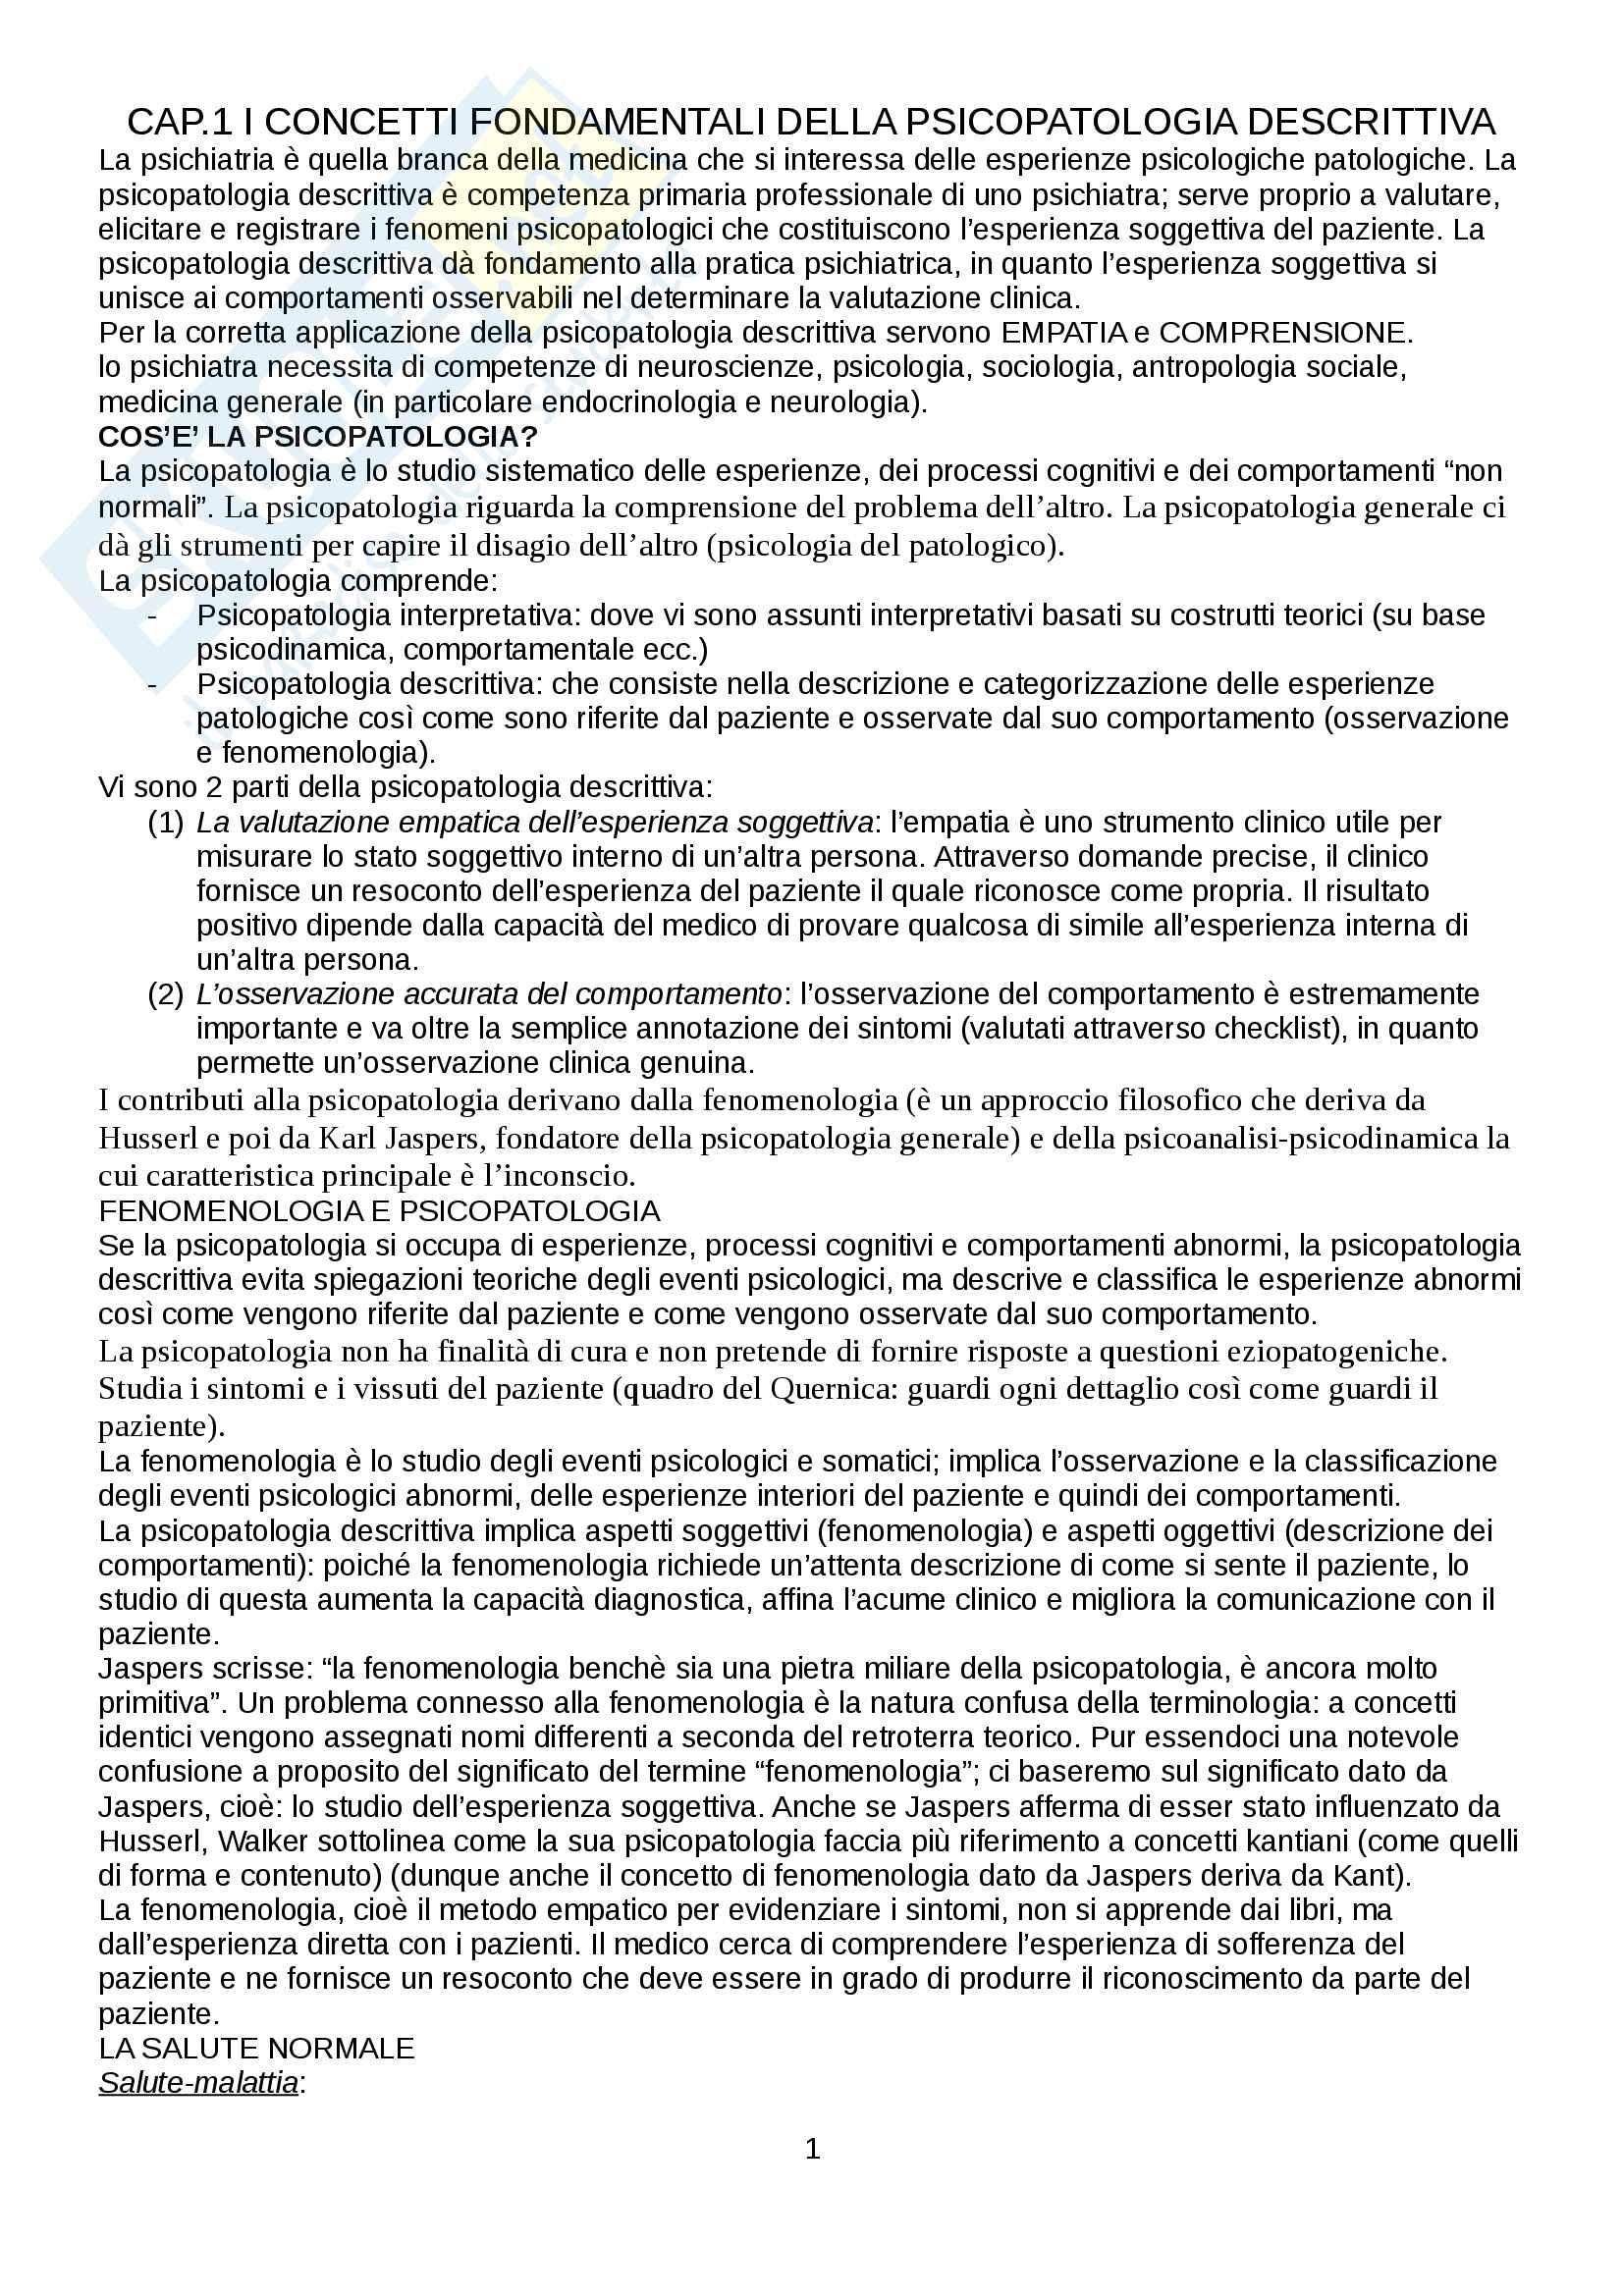 Riassunto esame Psicopatologia Generale, docente: Luigi Janiri, libro consigliato: Sims- IV Edizione, Introduzione alla psicopatologia descrittiva, Femi Oyebode